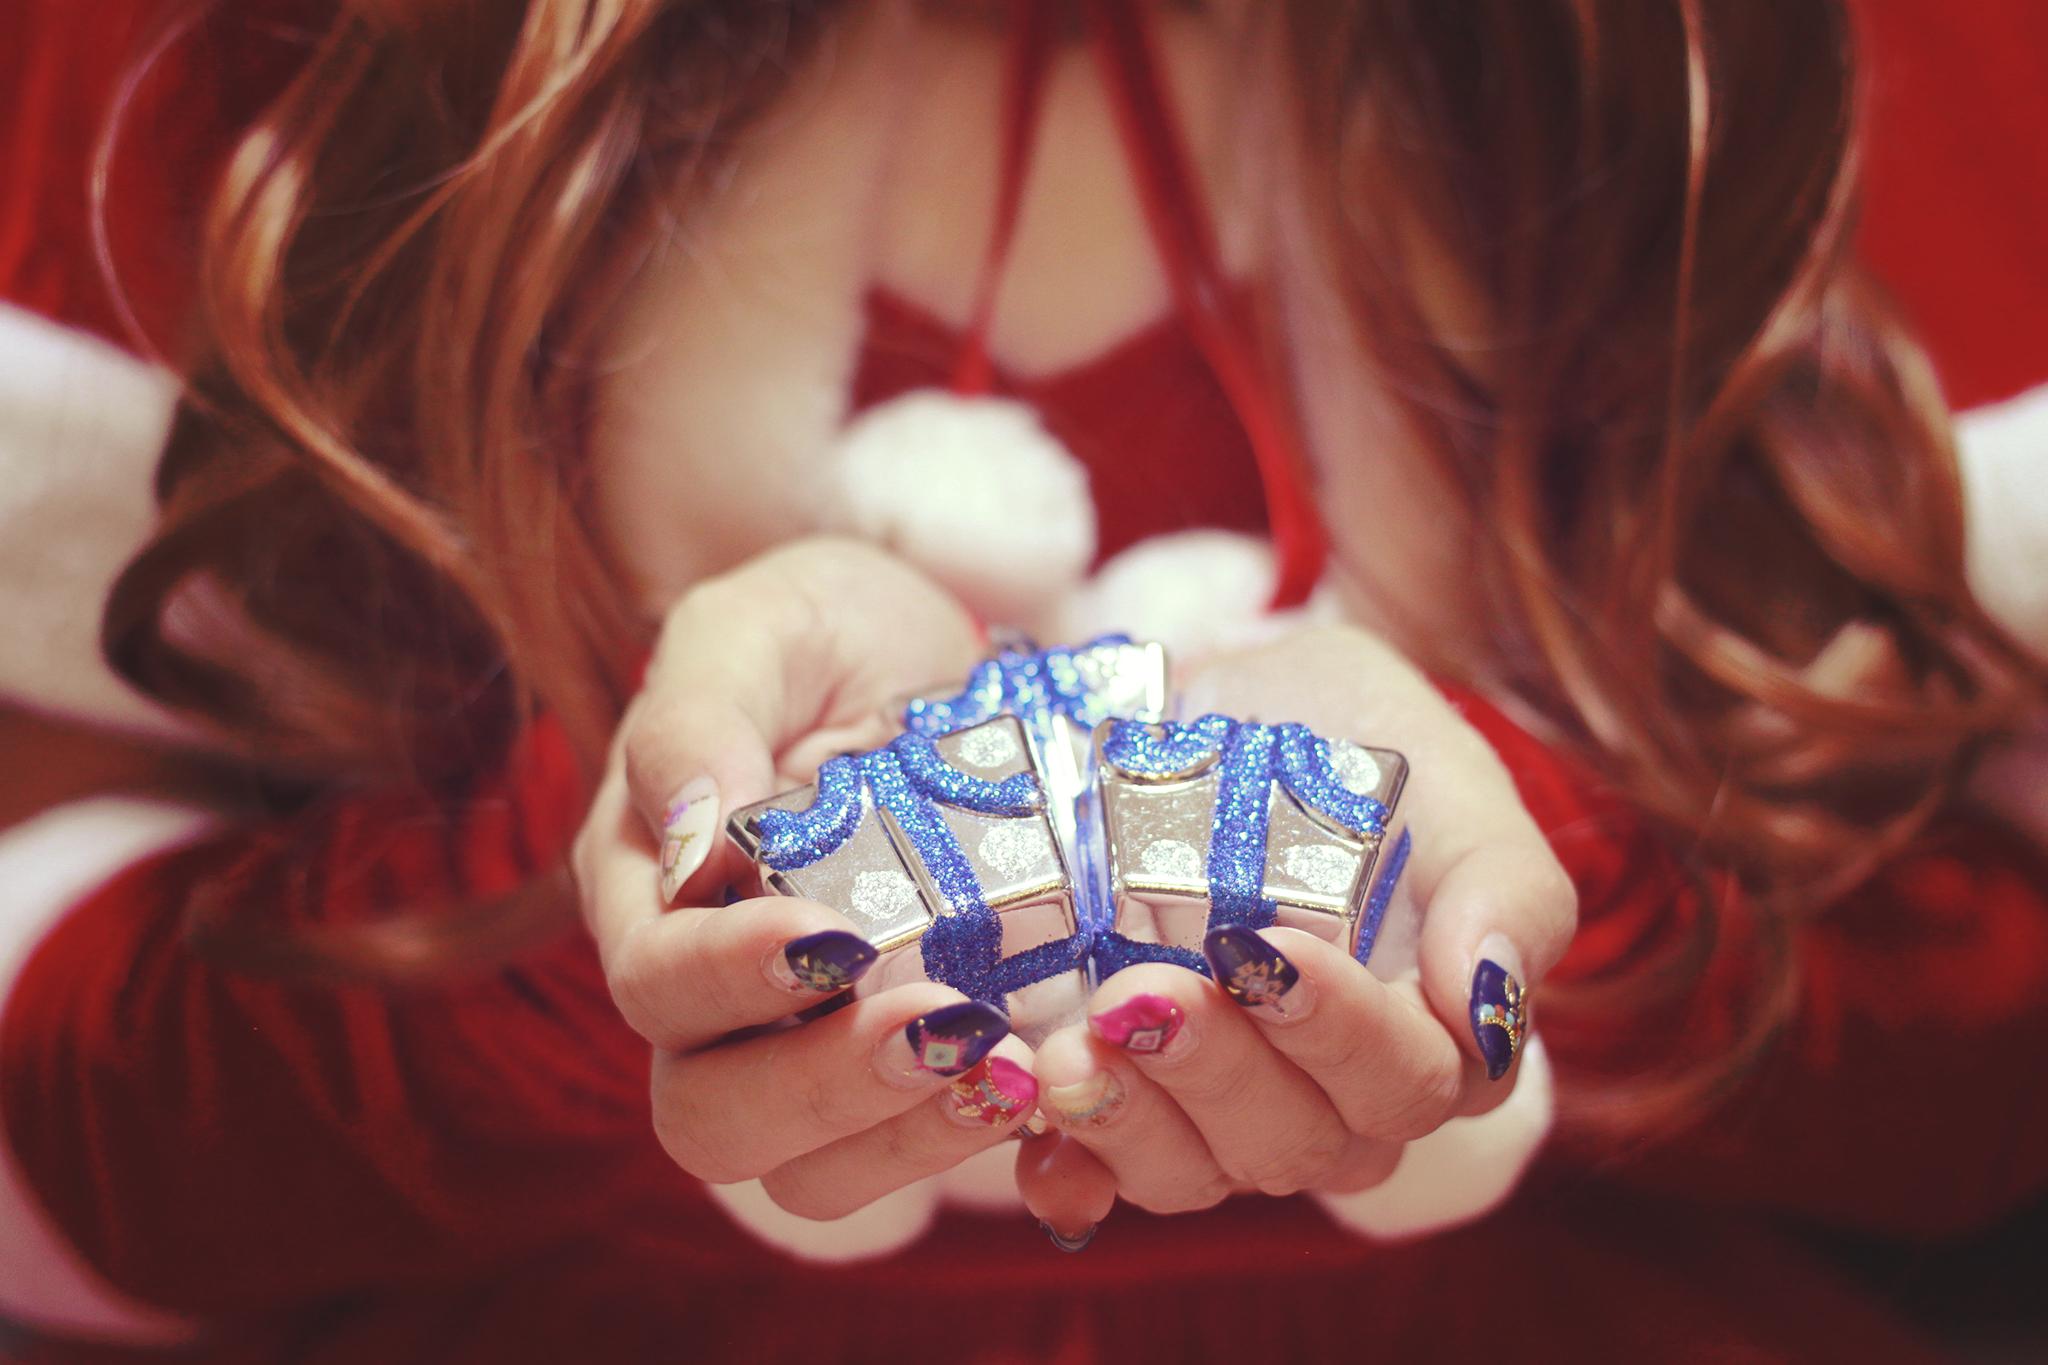 クリスマスプレゼント、毎年悩みますよね?しかも見る目が厳しい女子なら、なおさら。リーズナブルでしかも喜ばれるプレゼントを渡したい! そこで、時間のないあなたも、サクッと選べるように予算別におすすめポイントをランキング形式でご紹介 どれも、人気の品ばかりで、どんな相手に喜ばれるかも解説! これで、あなたの株も上がる事間違いなしです